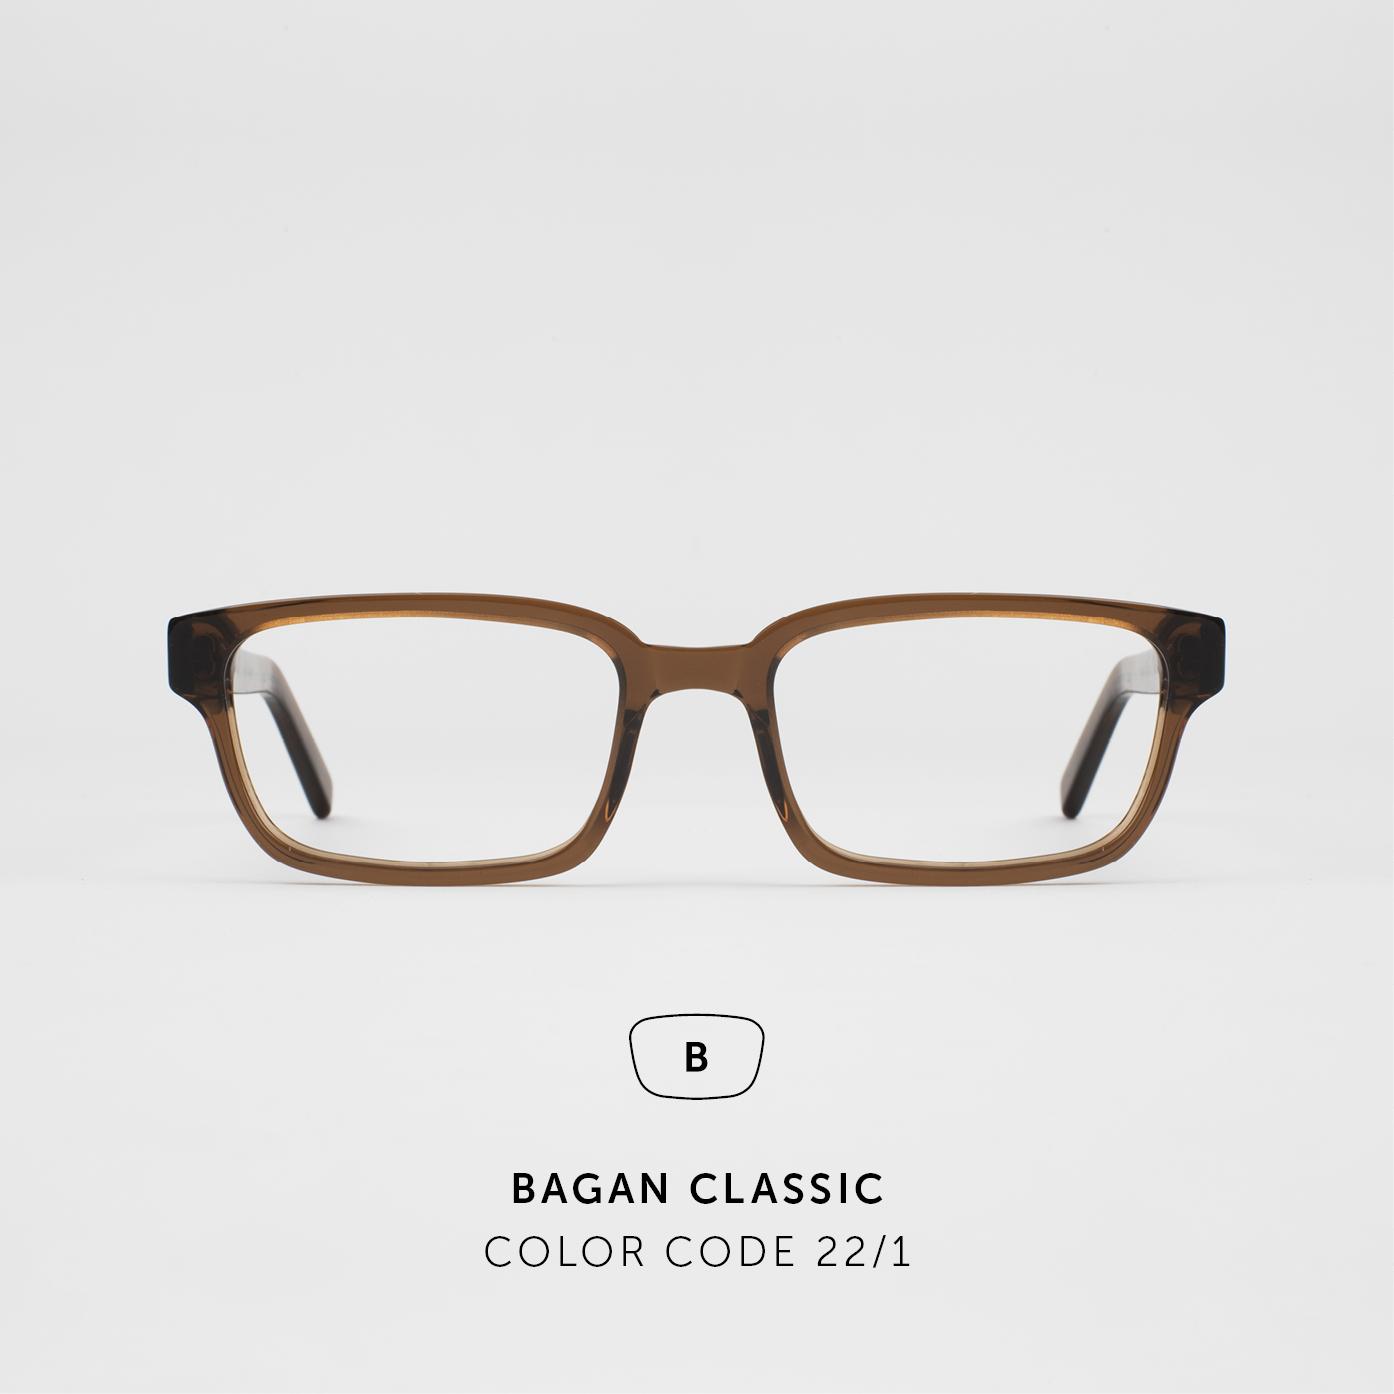 BaganClassic45.jpg